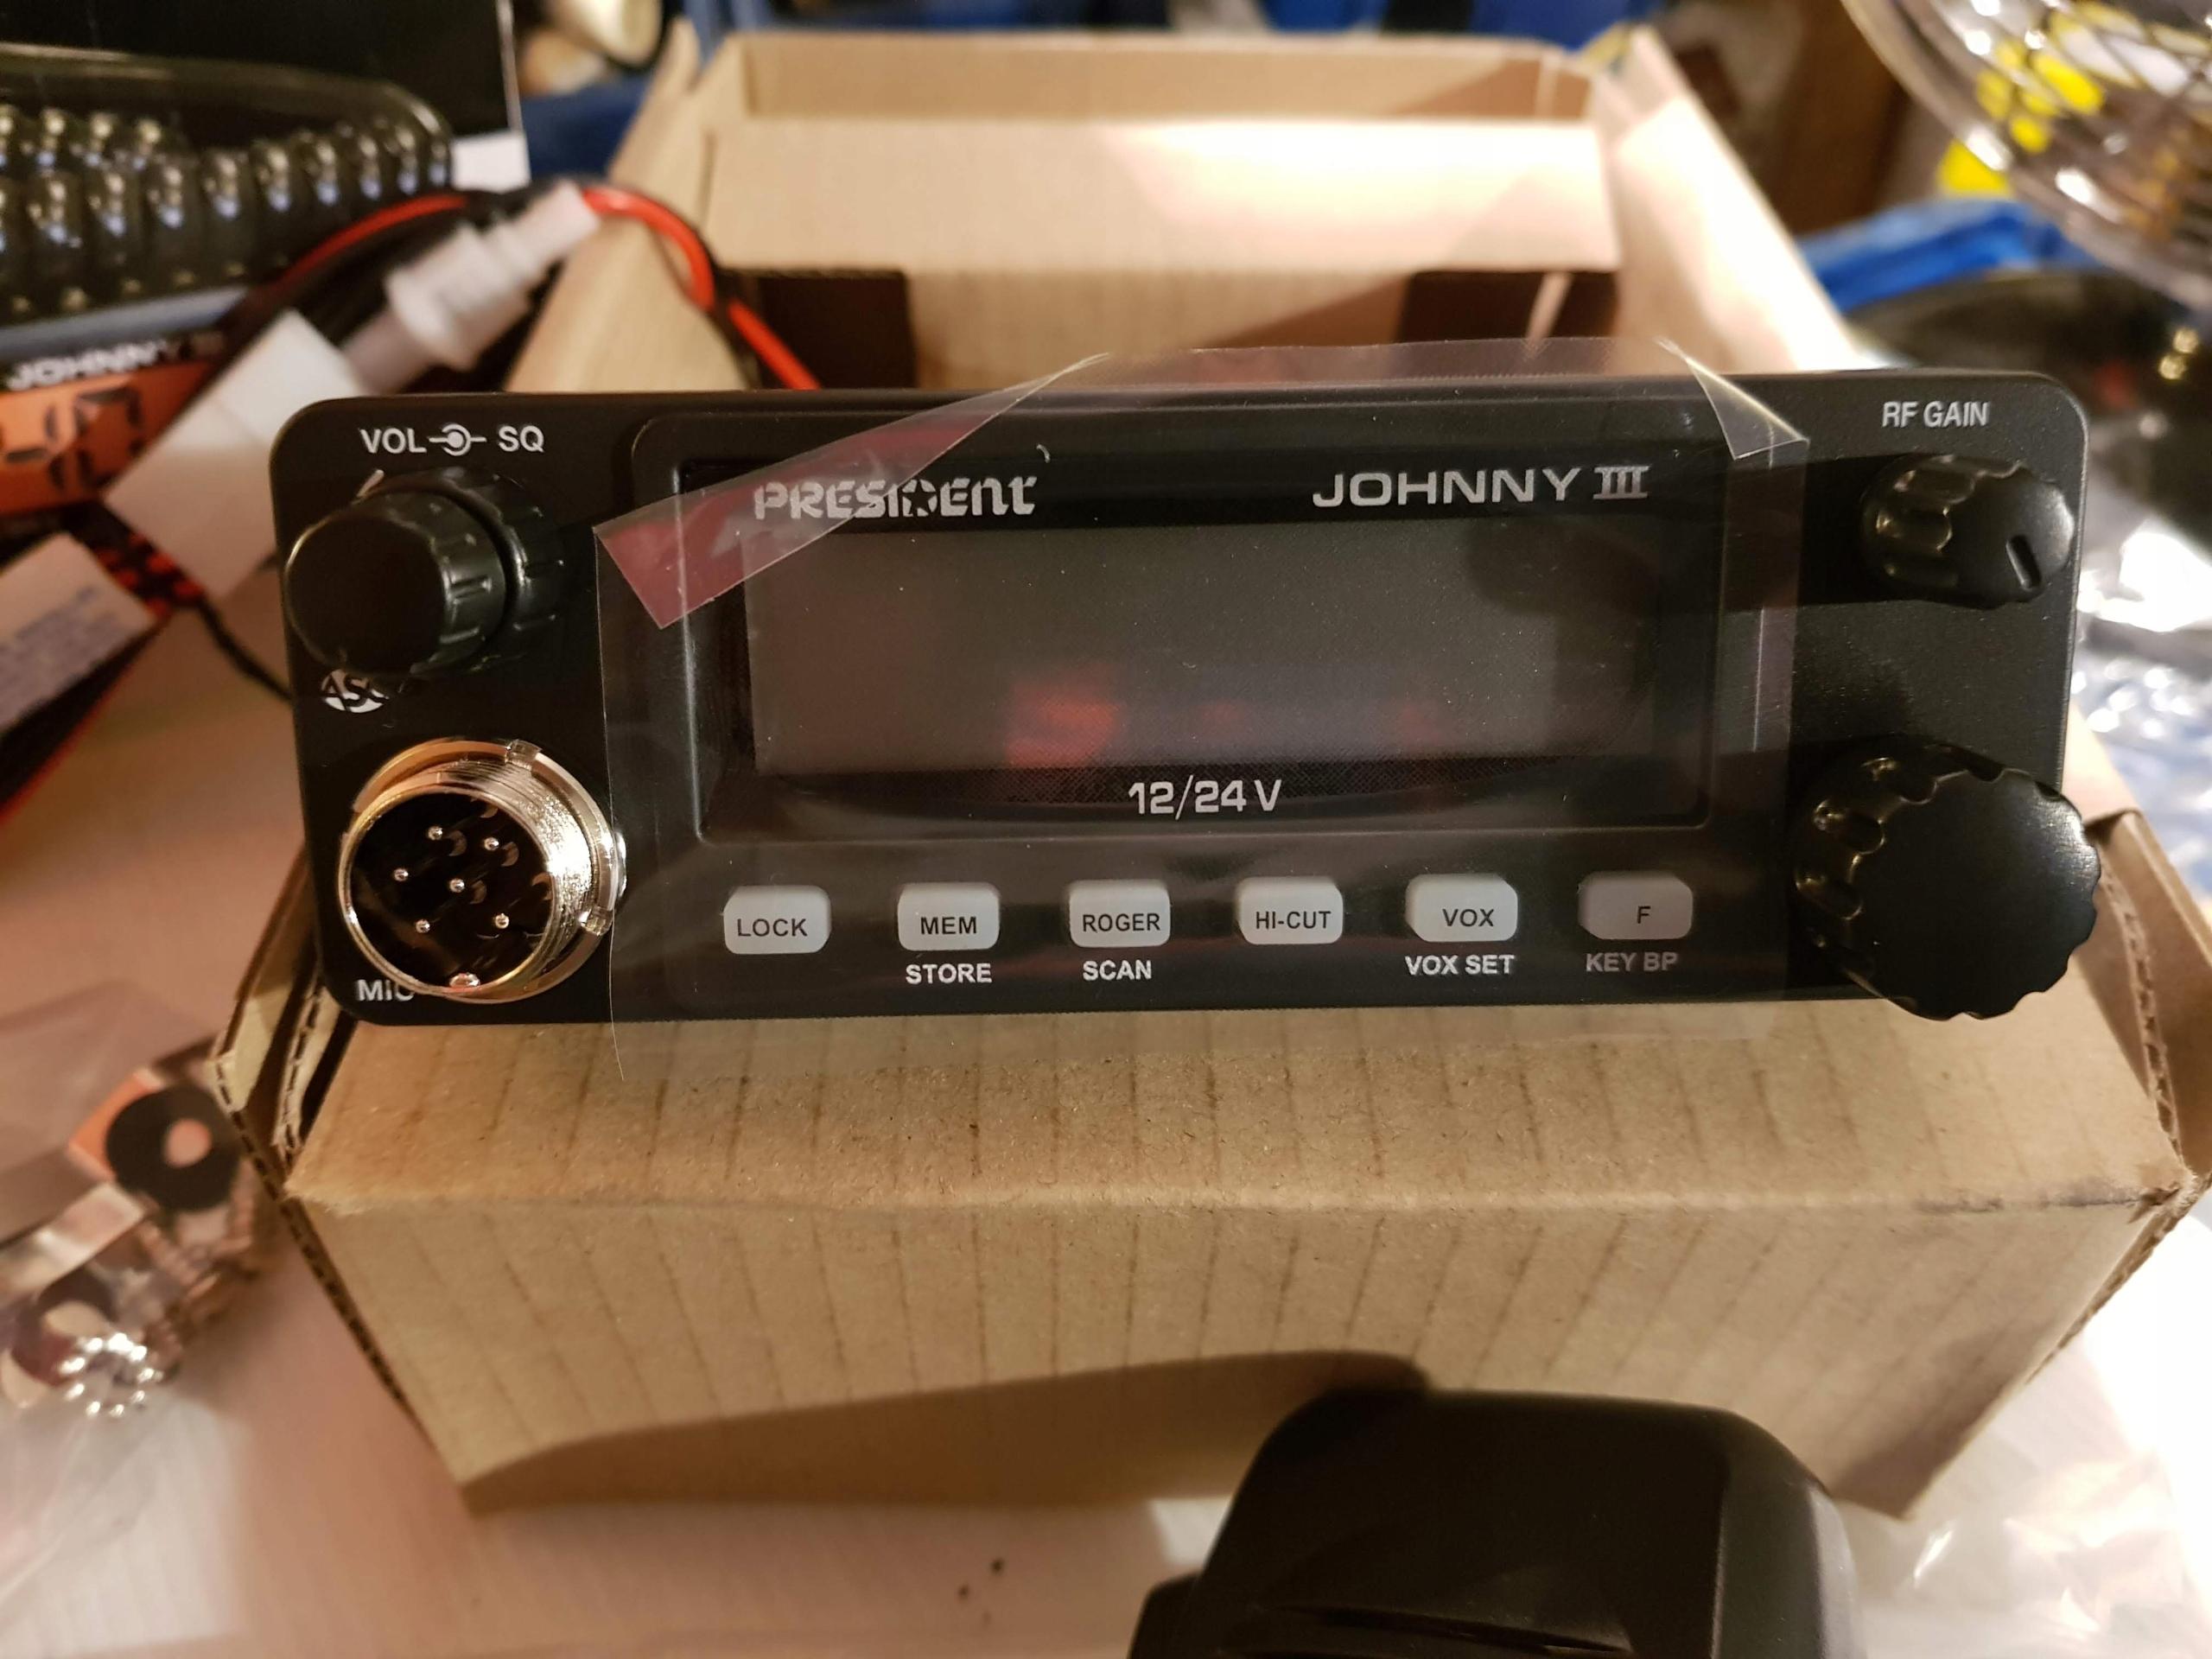 PRESIDENT JOHNNY III ASC RADIO CB AM 12V/24V NOWE